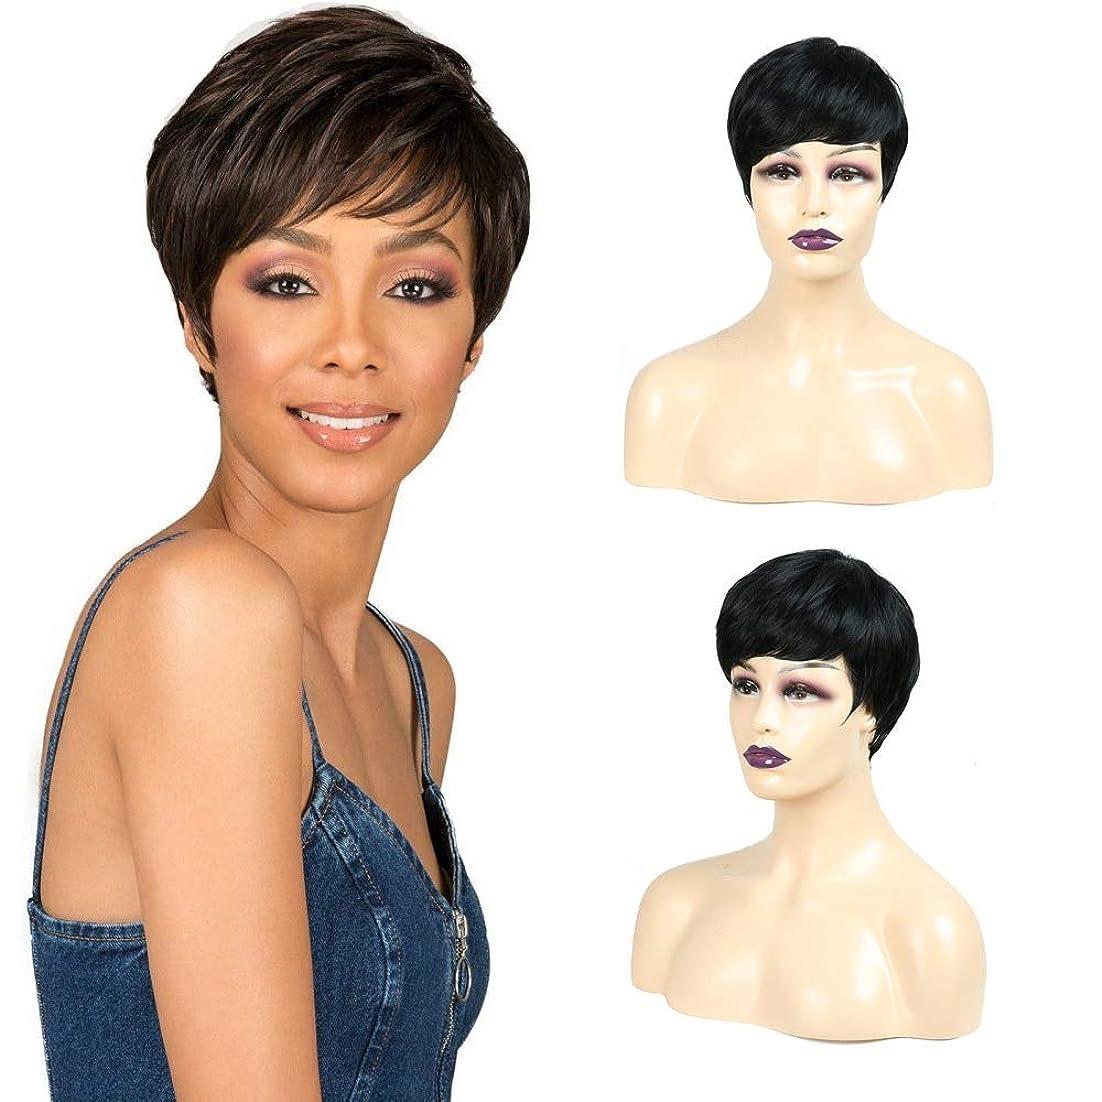 チェスをするノーブル過剰Mayalina レディースショートストレートブラック人工毛ウィッグで上品なボブスタイルサイドパート髪の毎日の服装のかつら (色 : 黒)